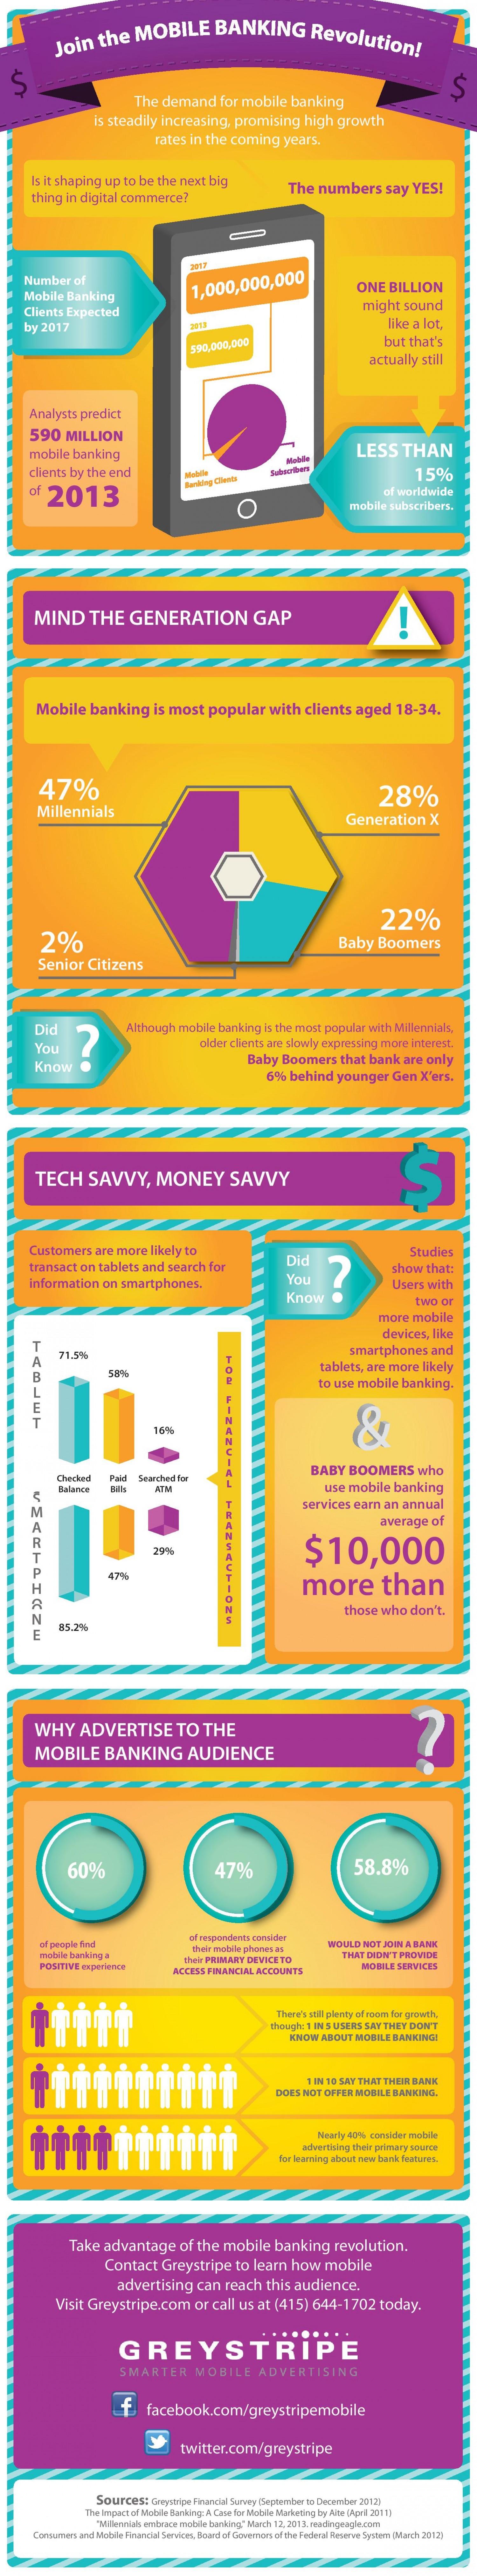 12. Mobile Banking revolution